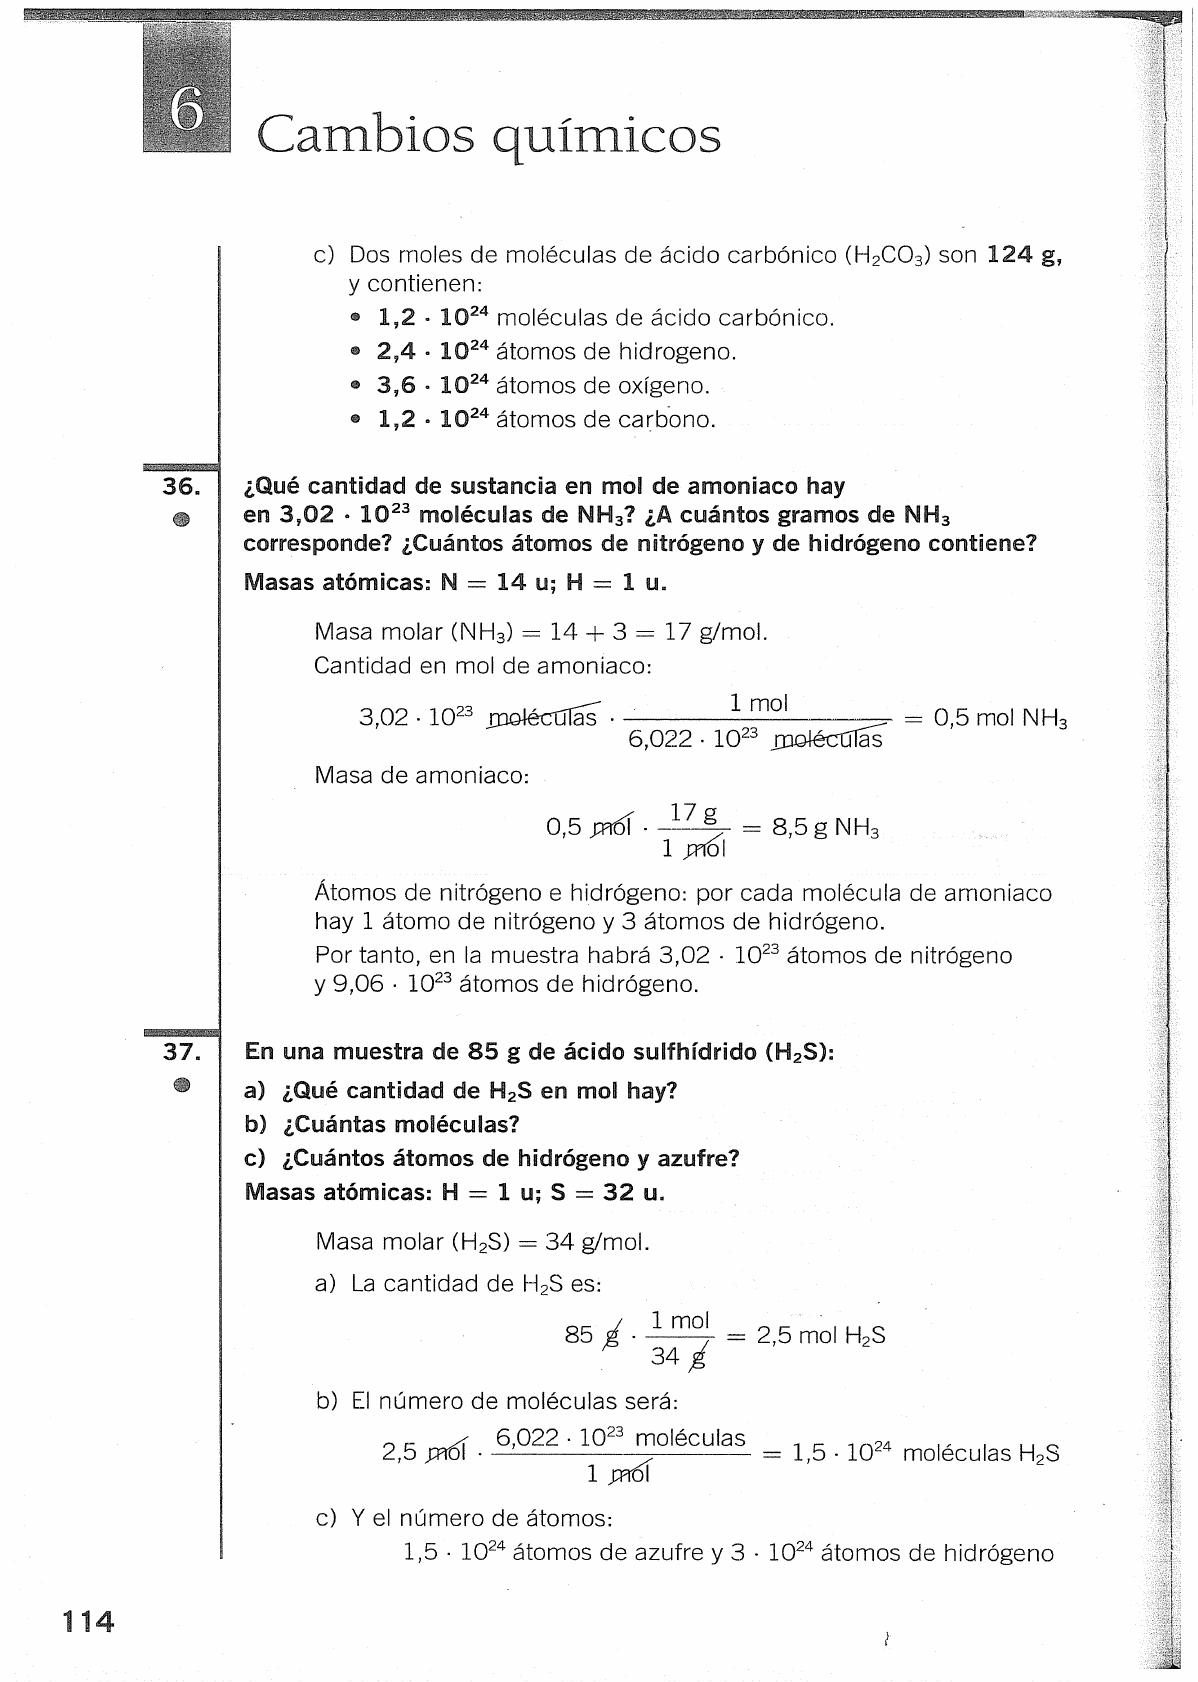 Solucionario Fisica Y Quimica 3 Eso Santillana Química Enseñanza De Química Clase De Química